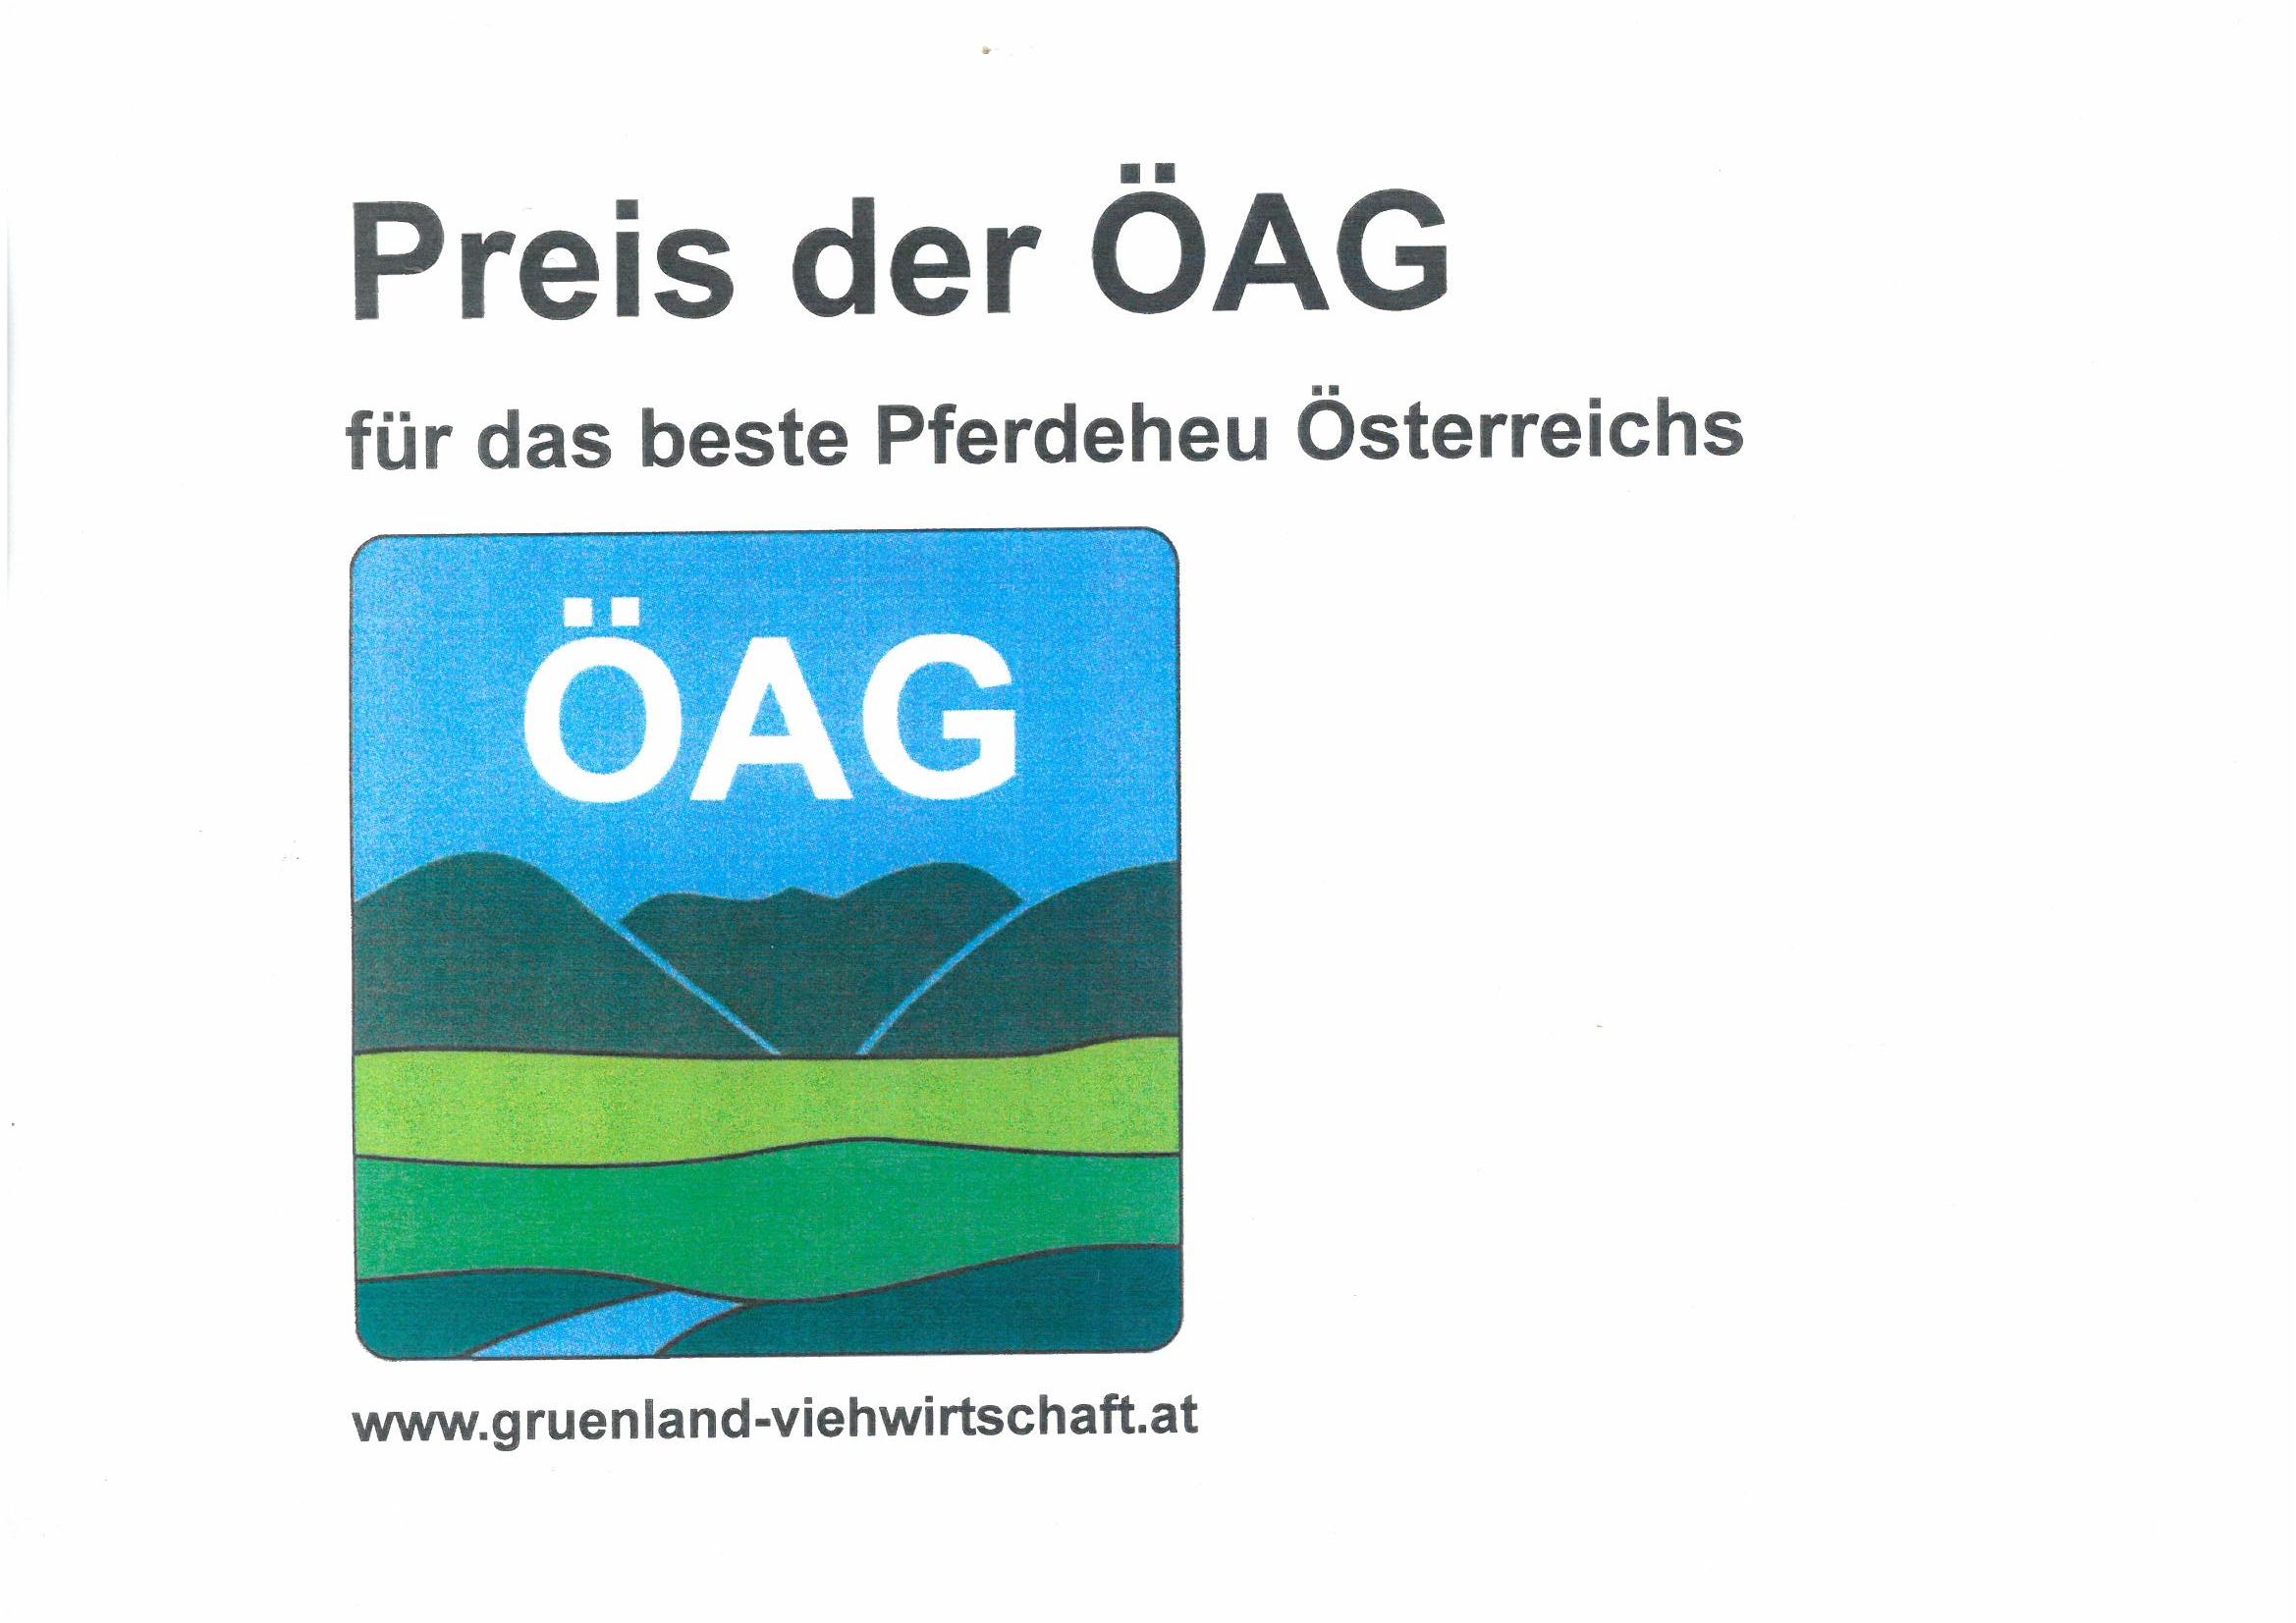 PR Schneider Werbung Berichte Zeitung Prospekt Broschüre Newsletter Veranstaltungen Strengberg NÖ